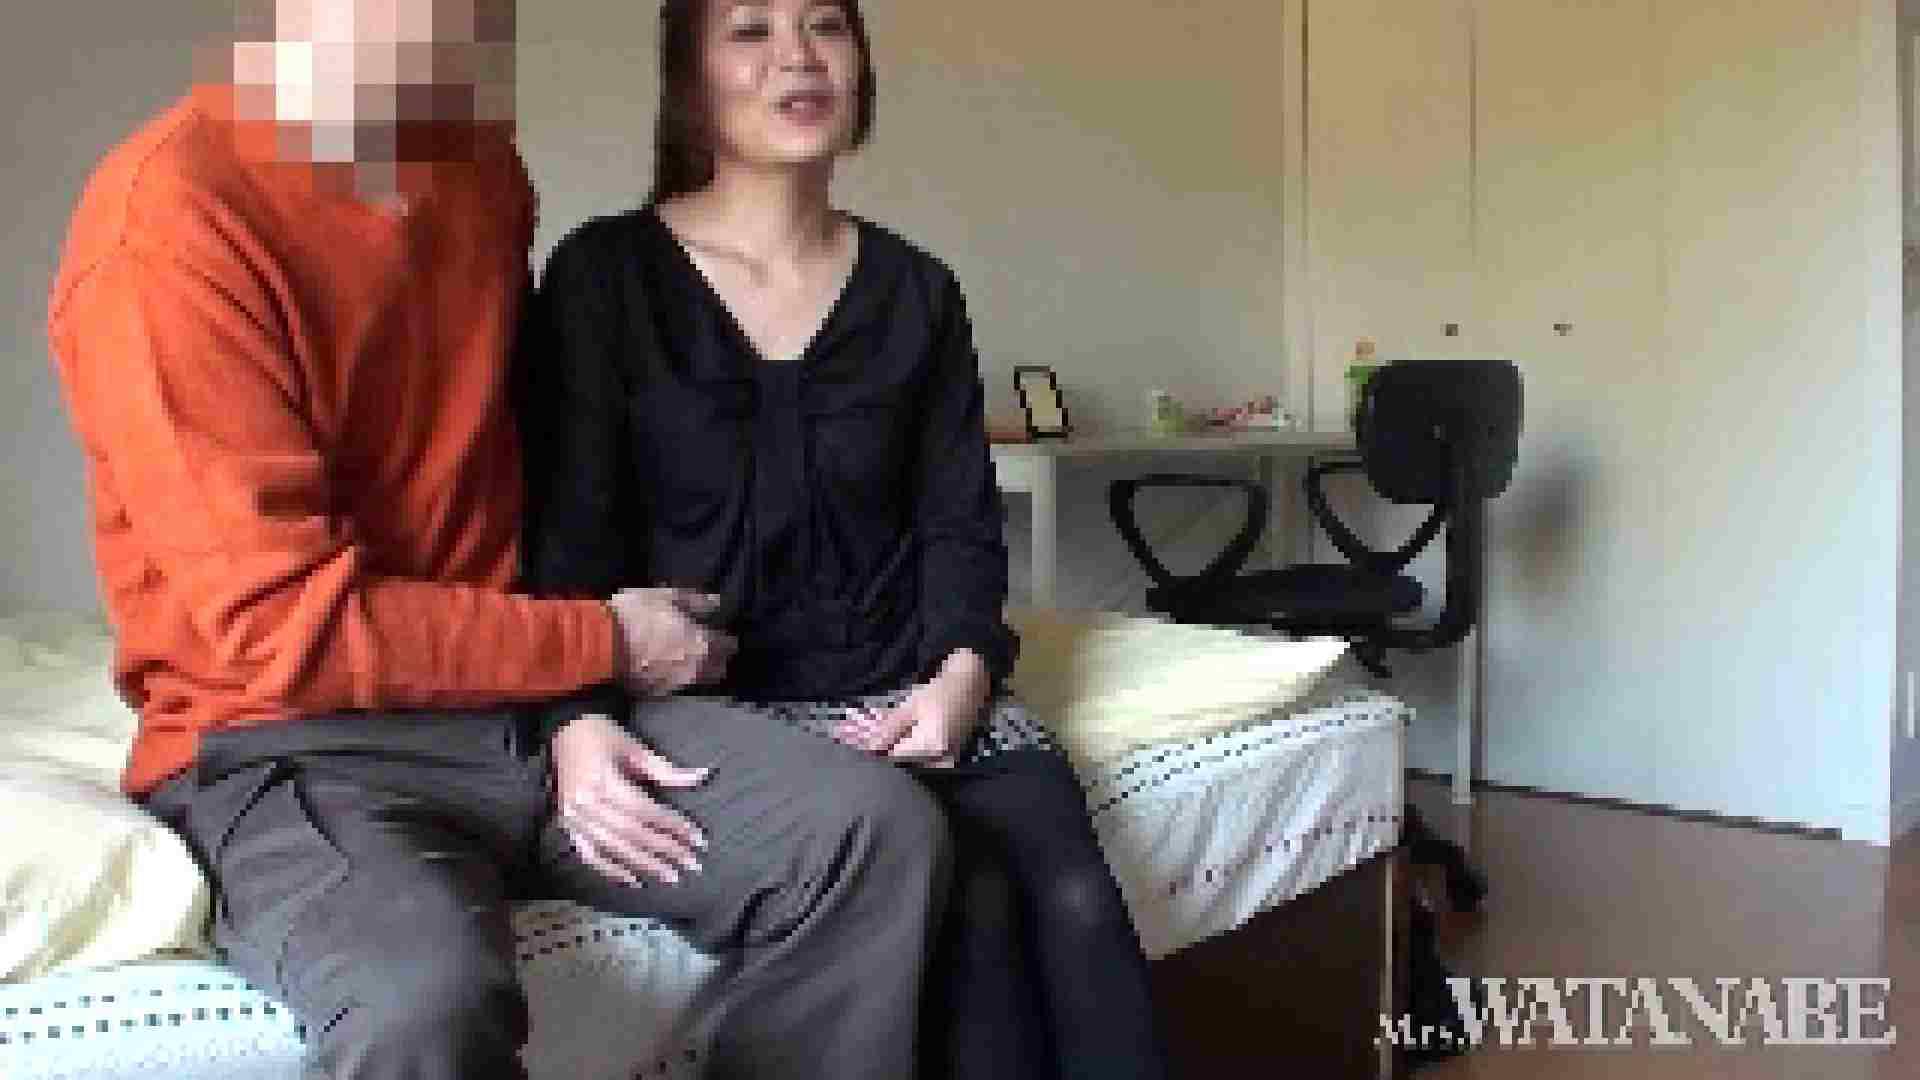 SNSで出会った人妻をハメ撮りしちゃいます 2回目 前編 投稿 | 人妻エロ映像  105pic 64